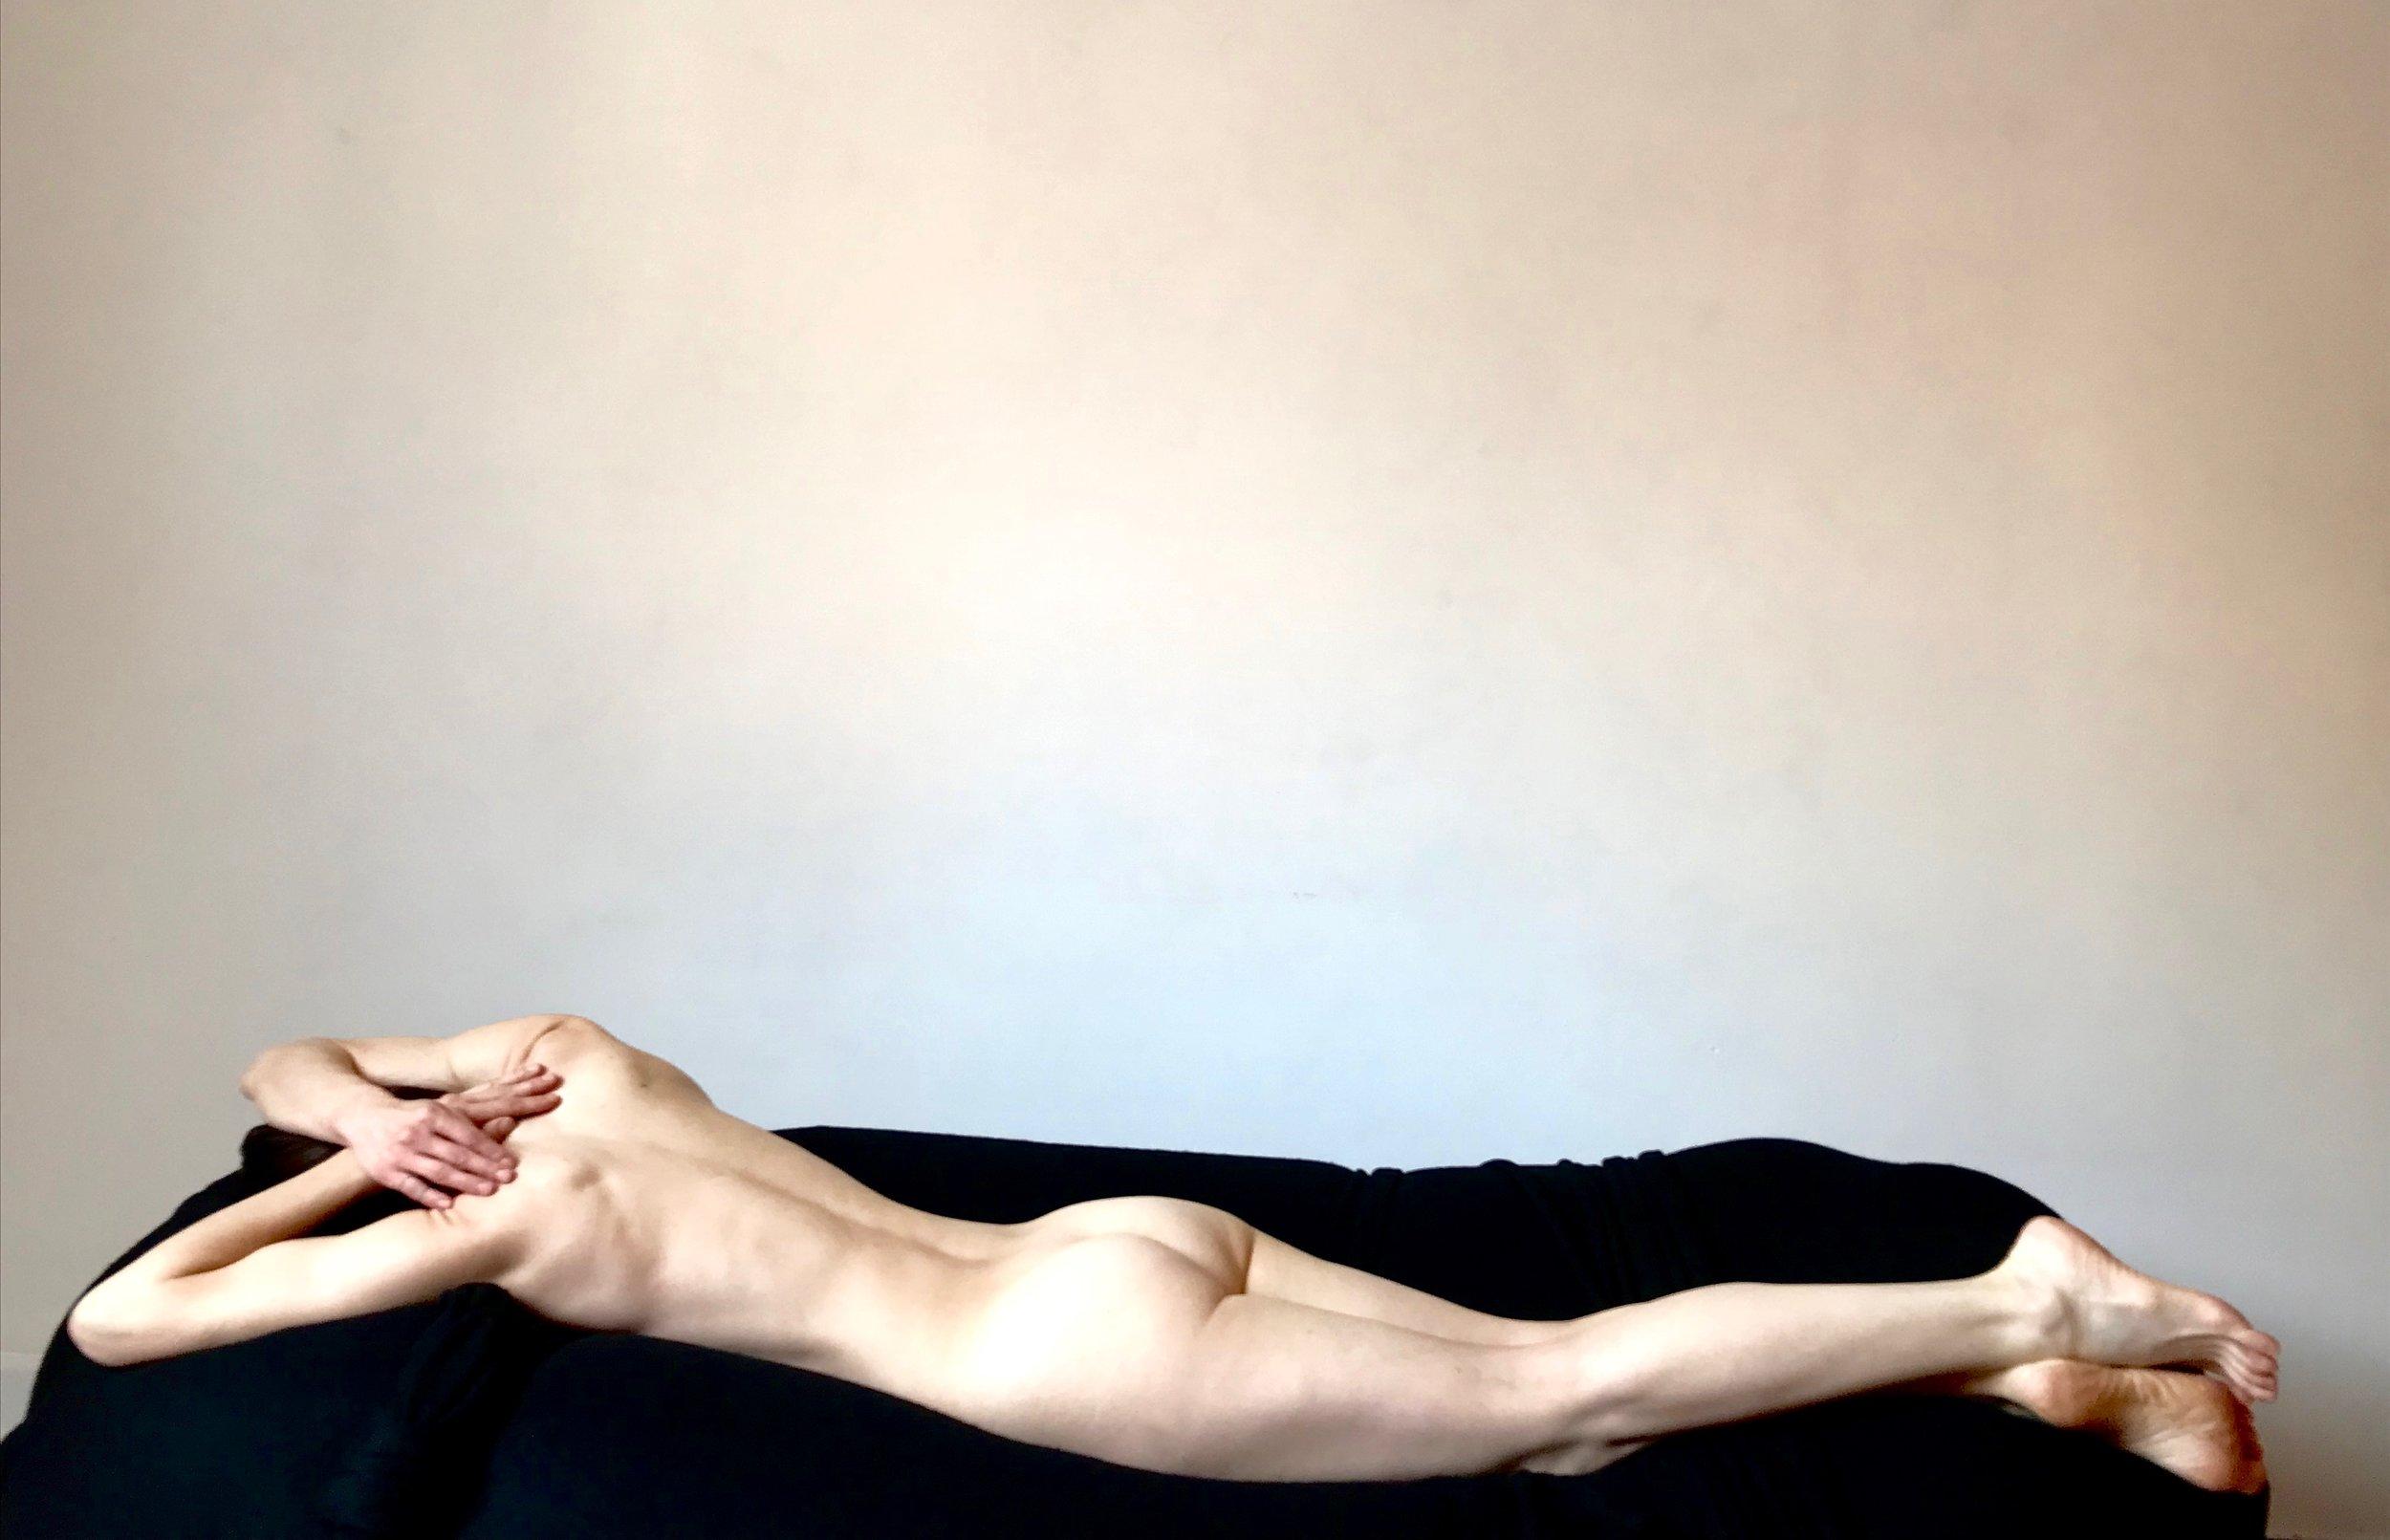 Melissa Lohman